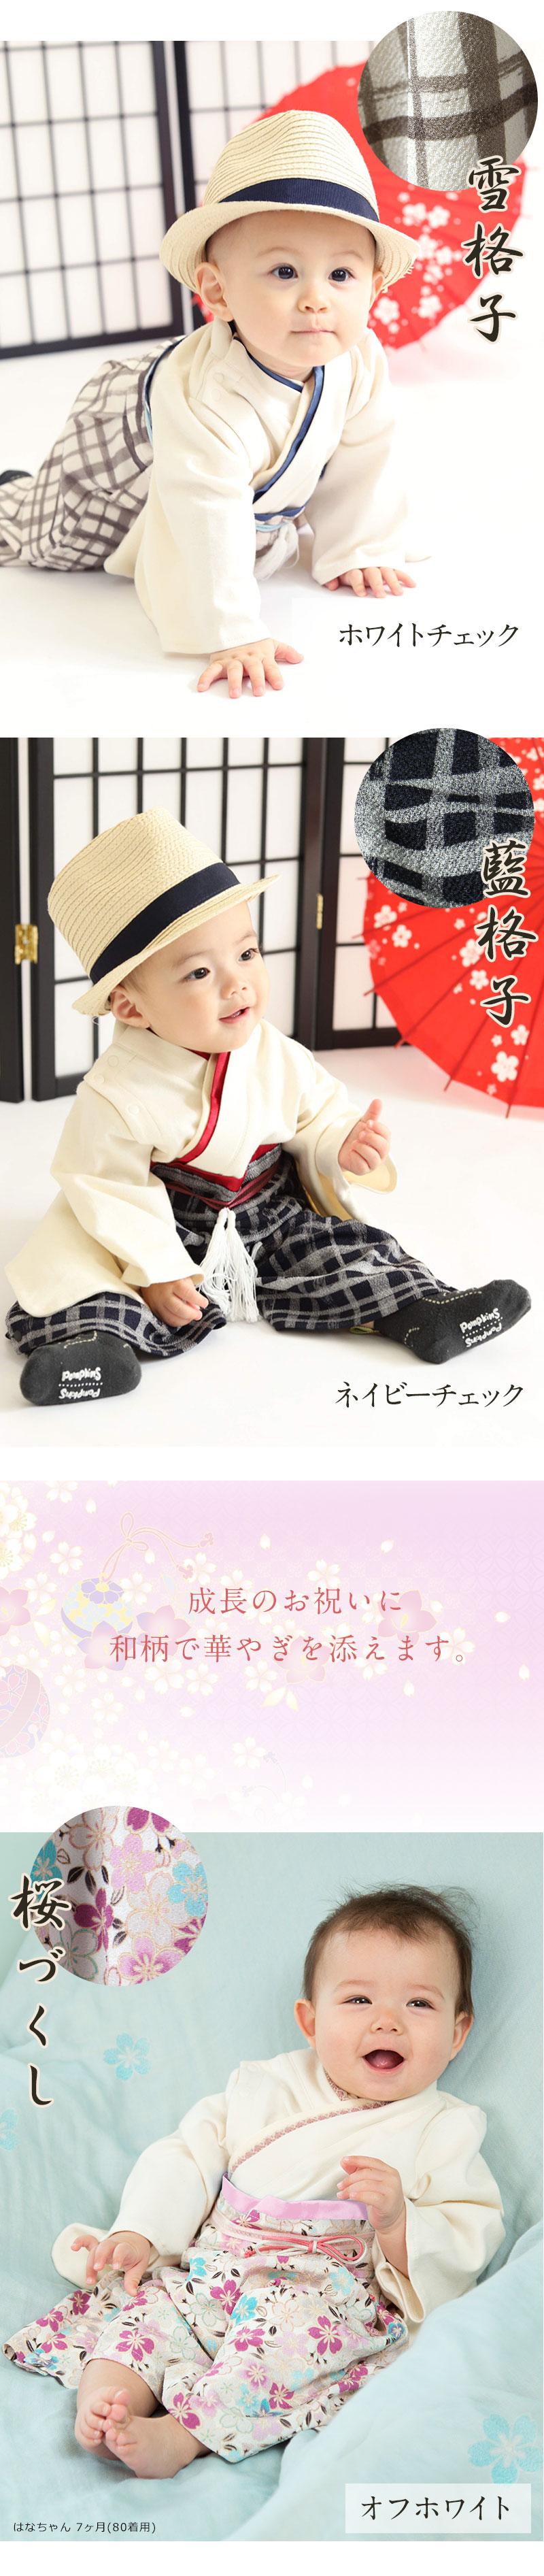 新生児 袴オール 和服 出産祝い お祝い 誕生日プレゼント